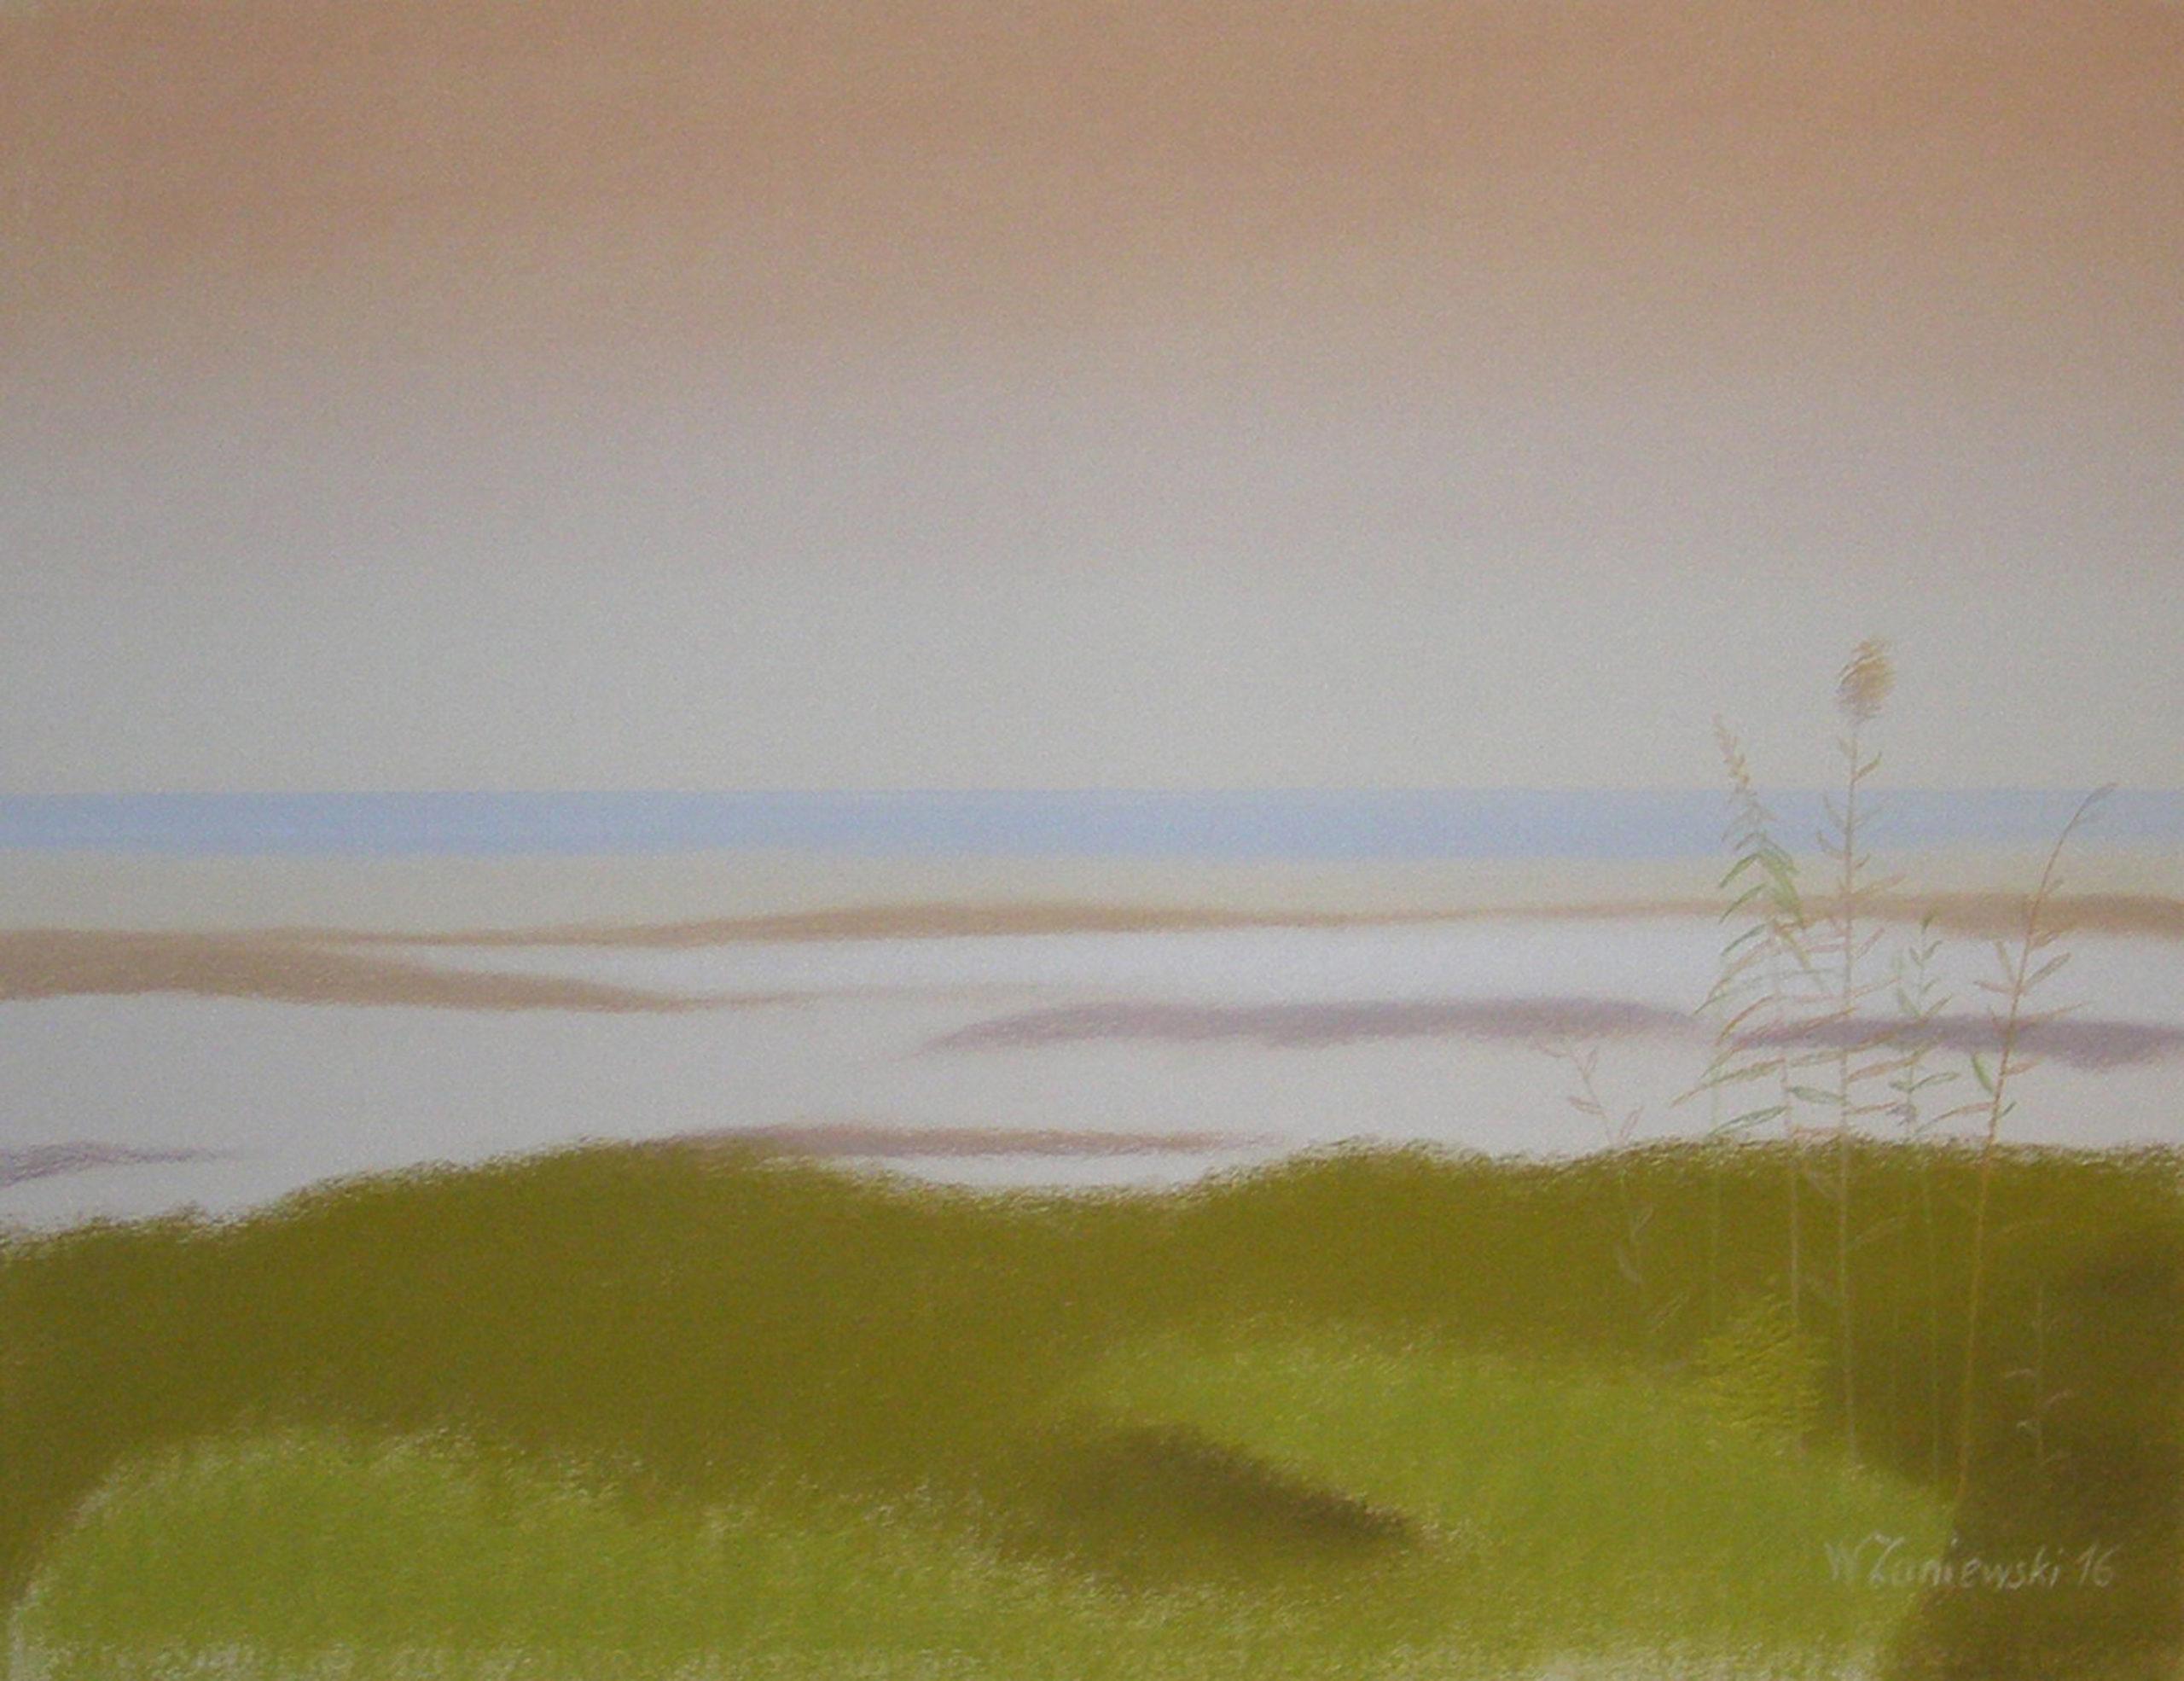 Pastel - z cyklu Wydmy 2016, 49 x 64 cm